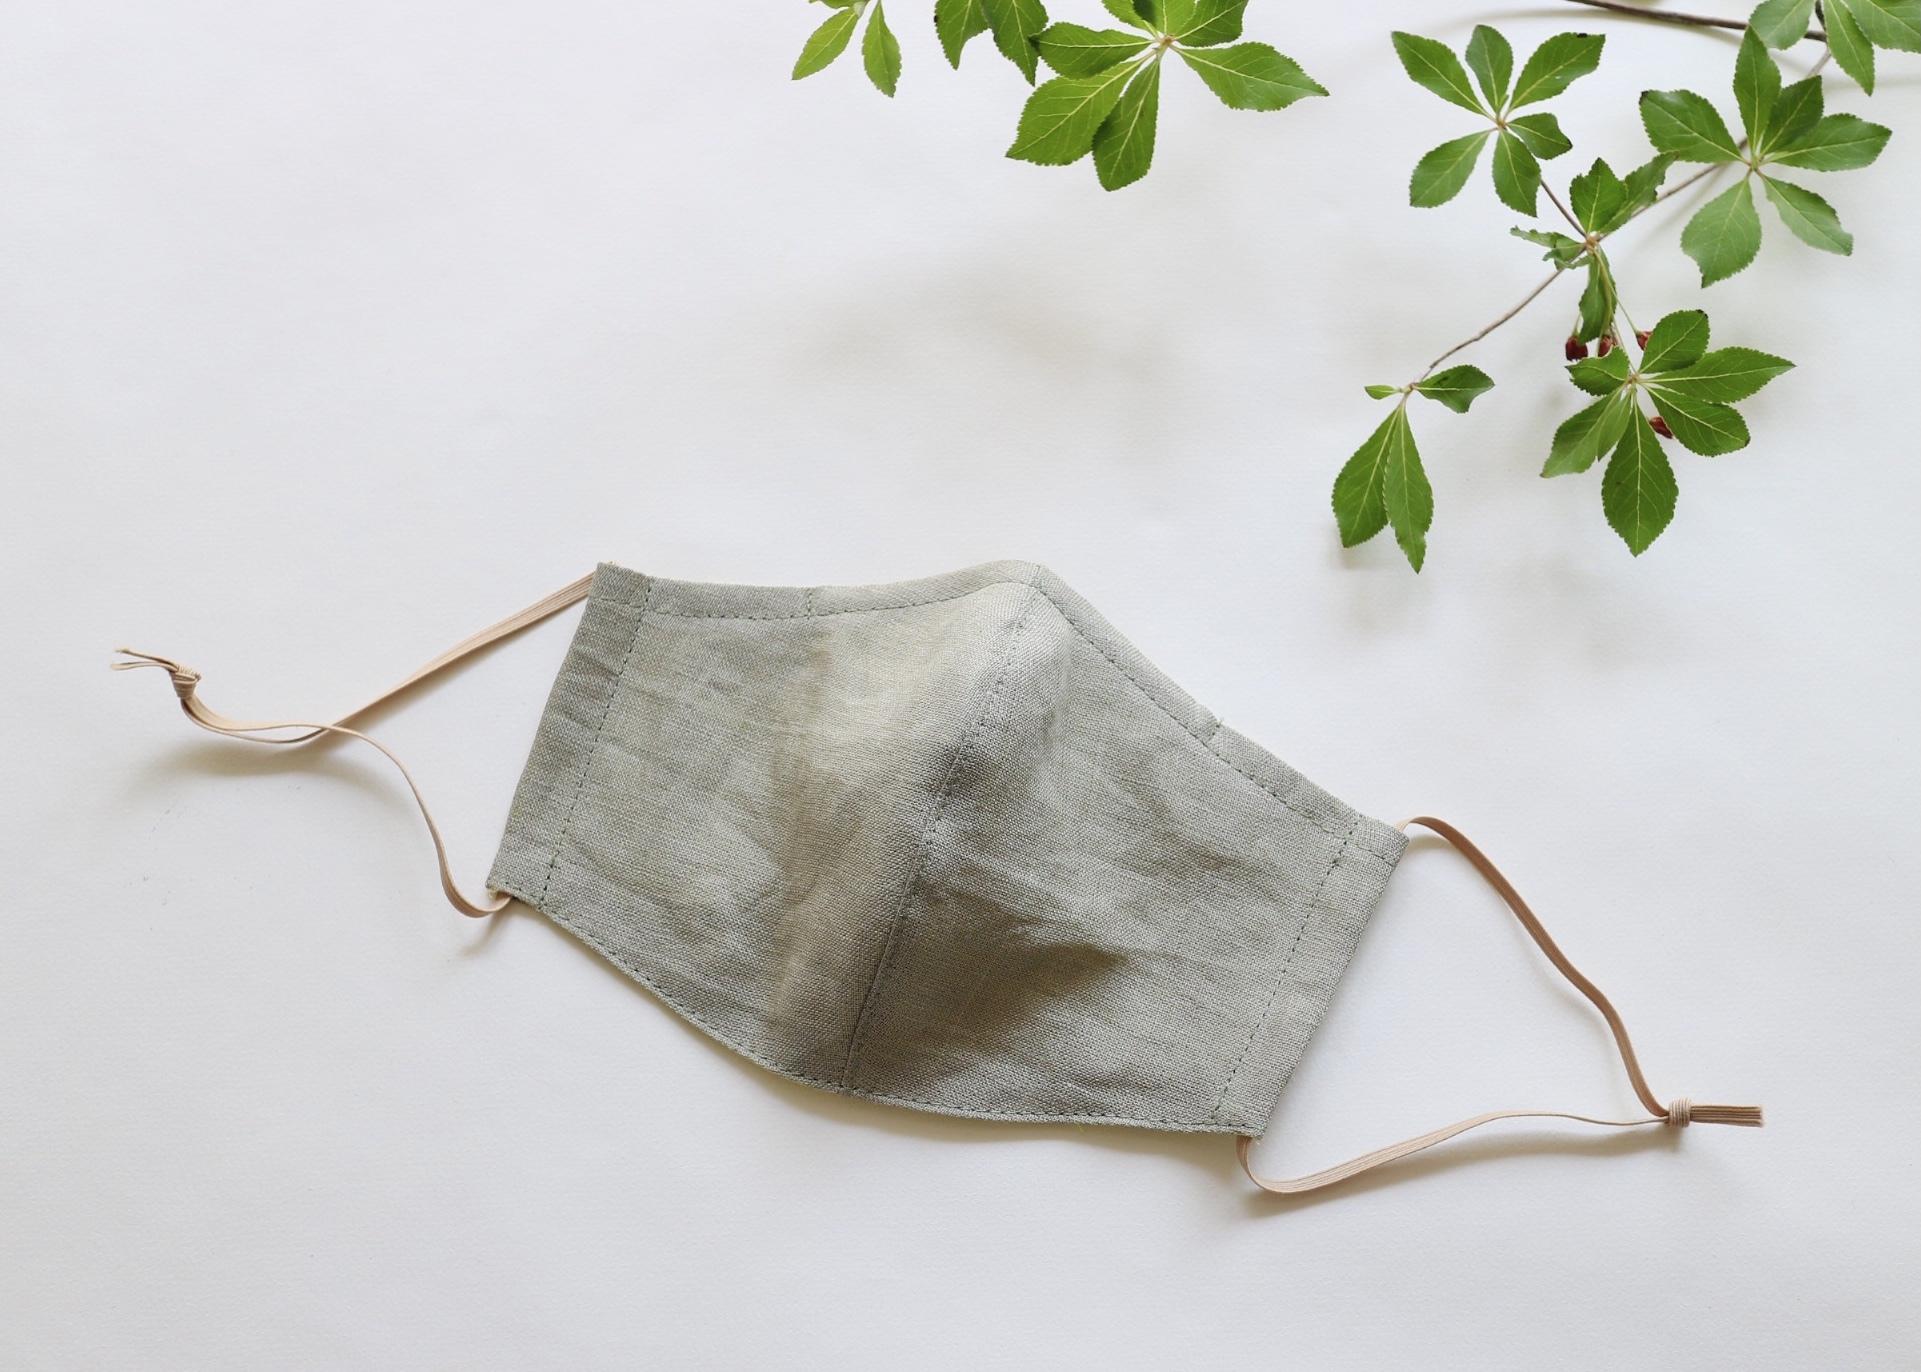 夏に涼しく心地よい リネンのマスク レギュラーサイズ(ライトカーキ)ノーズワイヤー入り、フィルターポケット付